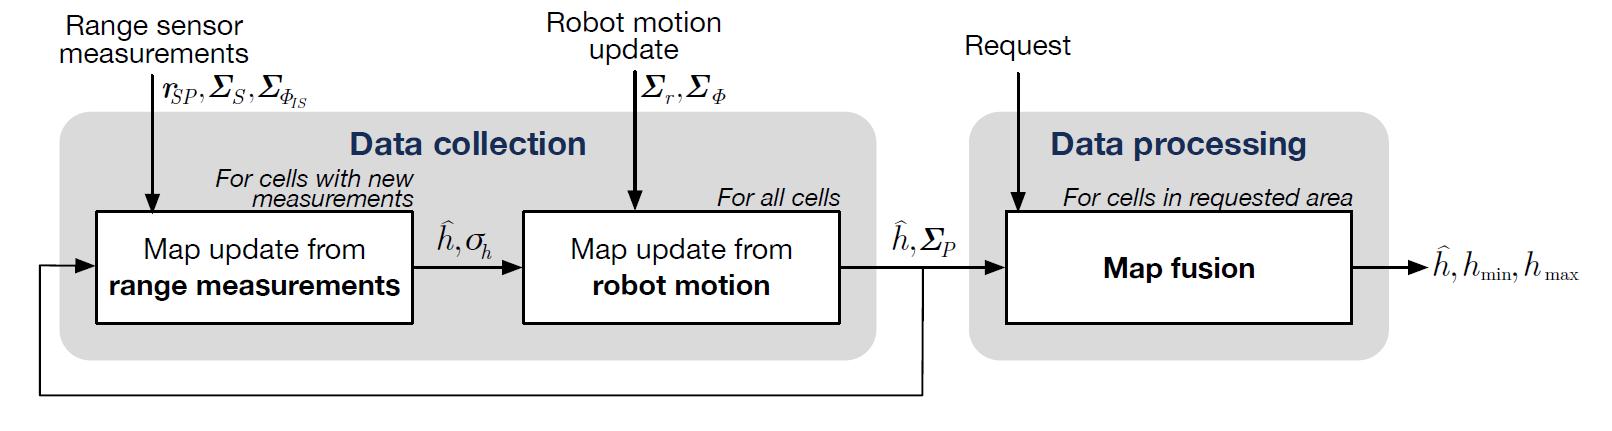 Как работает Spot от Boston Dynamics? Возможный ответ - 4